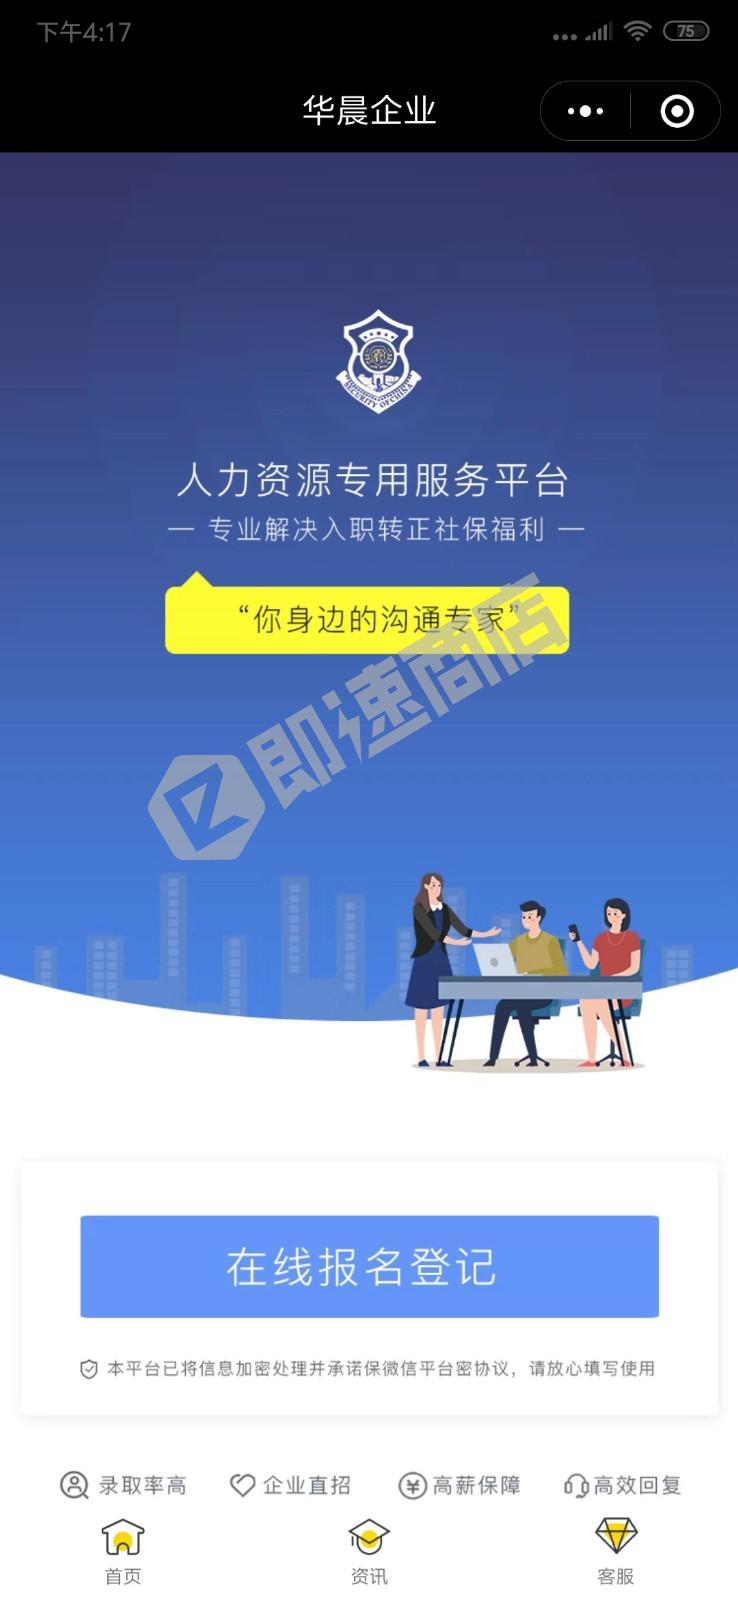 华晨企业小程序首页截图